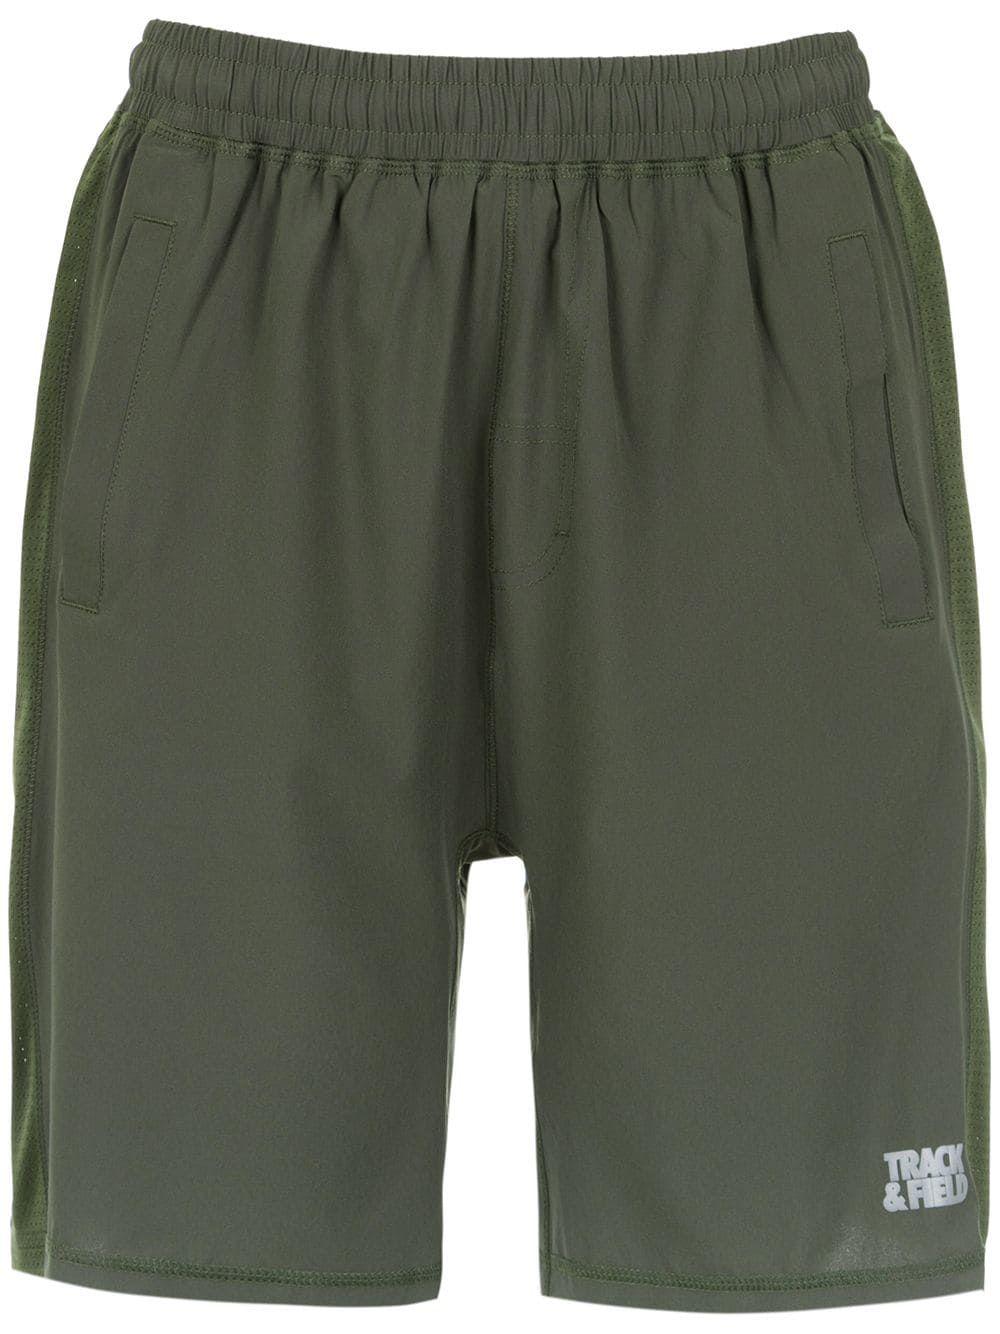 Henleys Mens Fleece Sport Gym Shorts New Casual Running Jersey Jogging Bottoms